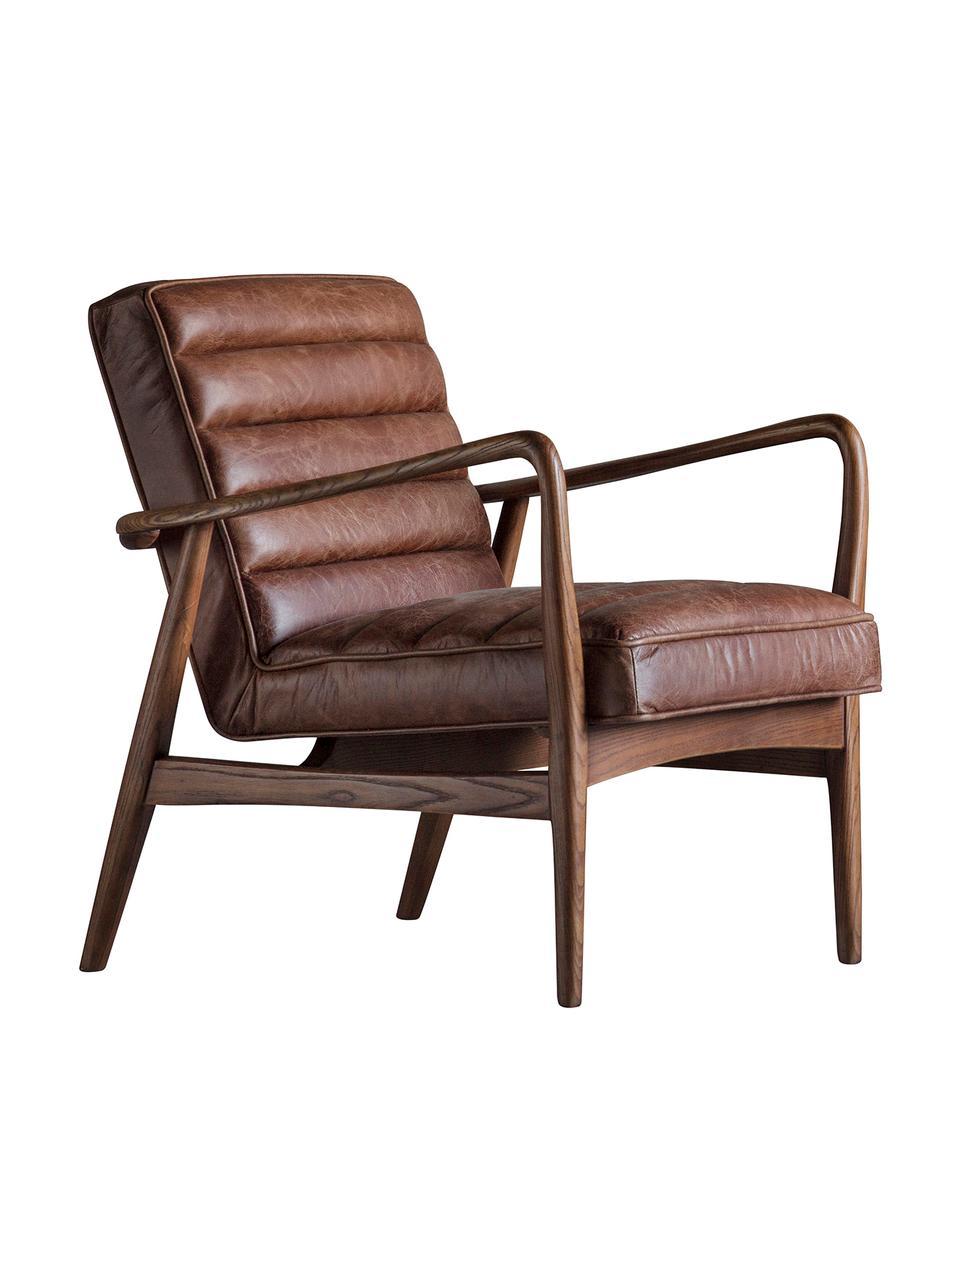 Sedia a poltrona in pelle Datsun, Rivestimento: pelle granata Imbottitura, Struttura: legno di frassino, Marrone, Larg. 70 x Prof. 74 cm